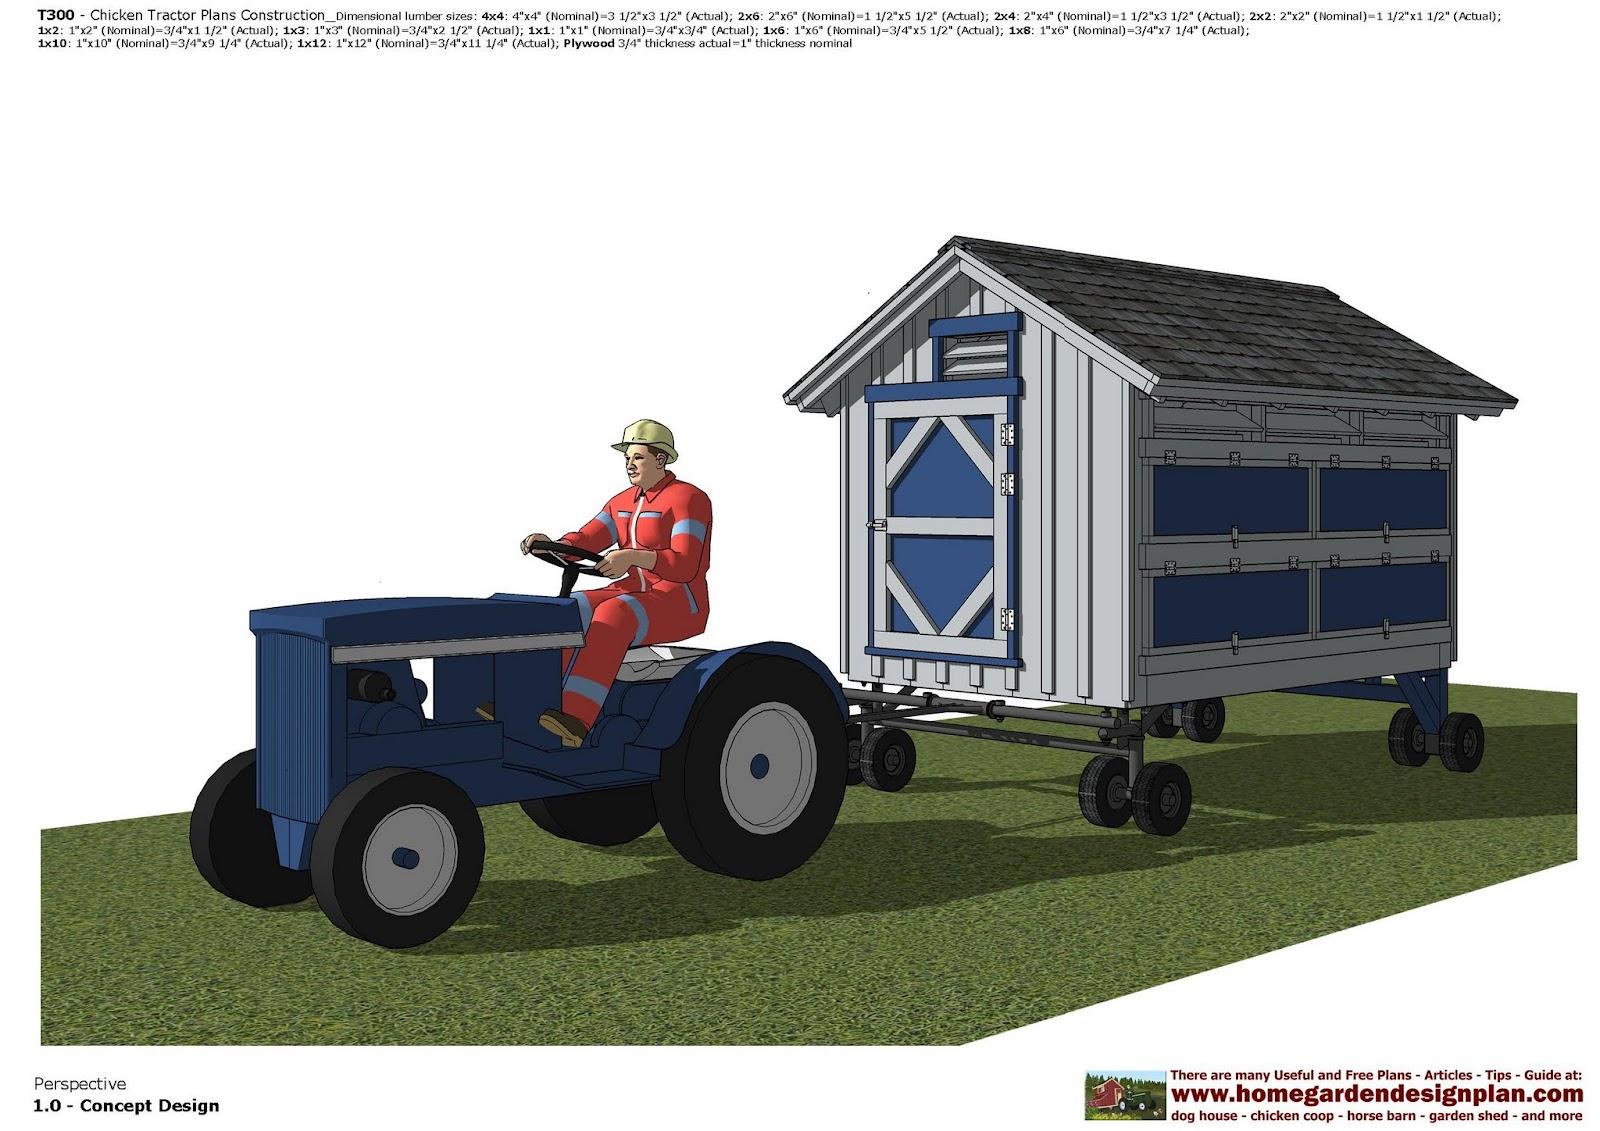 Home garden plans t300 chicken tractor plans for Garden design trailer